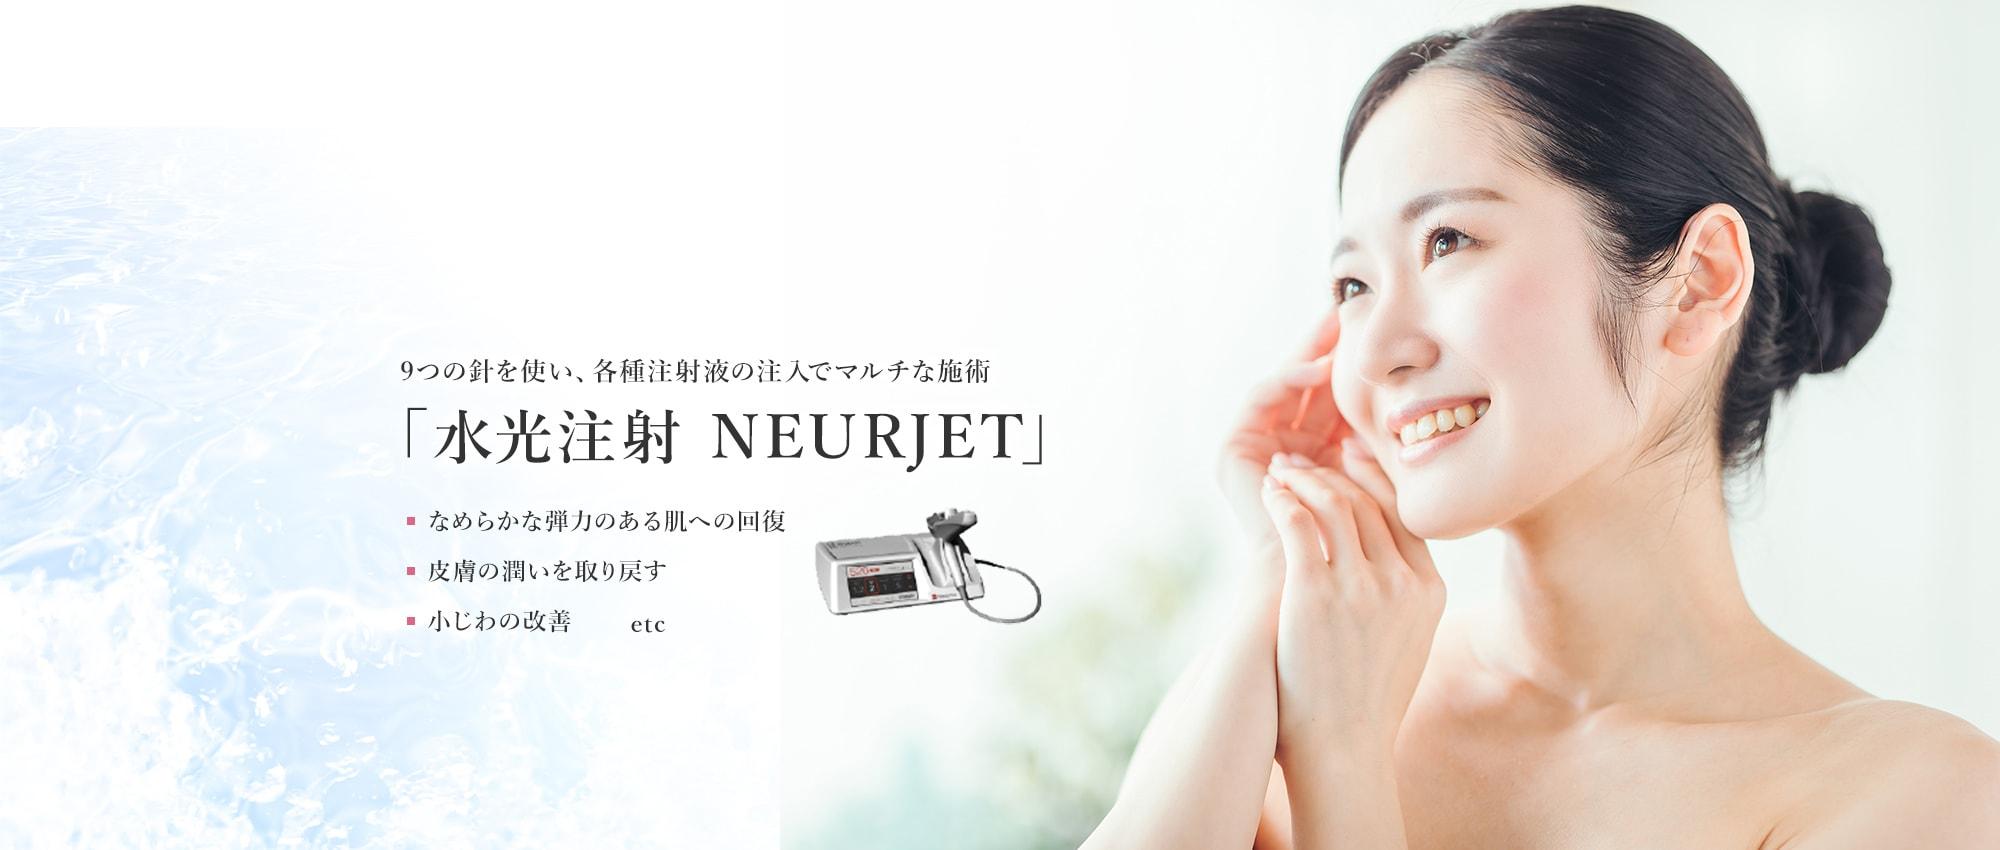 9つの針を使い、各種注射液の注入でマルチな施術「水光注射 NEURJET」